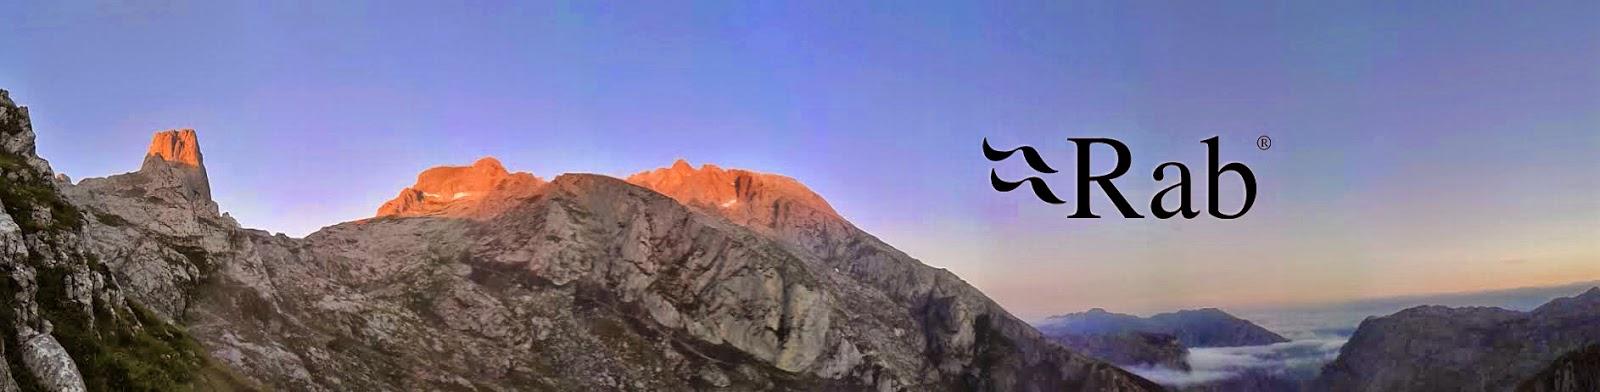 guiasdelpicu.com guias de lata montaña , fernando calvo, rab , #forthemostextremeconditionsoftheworld